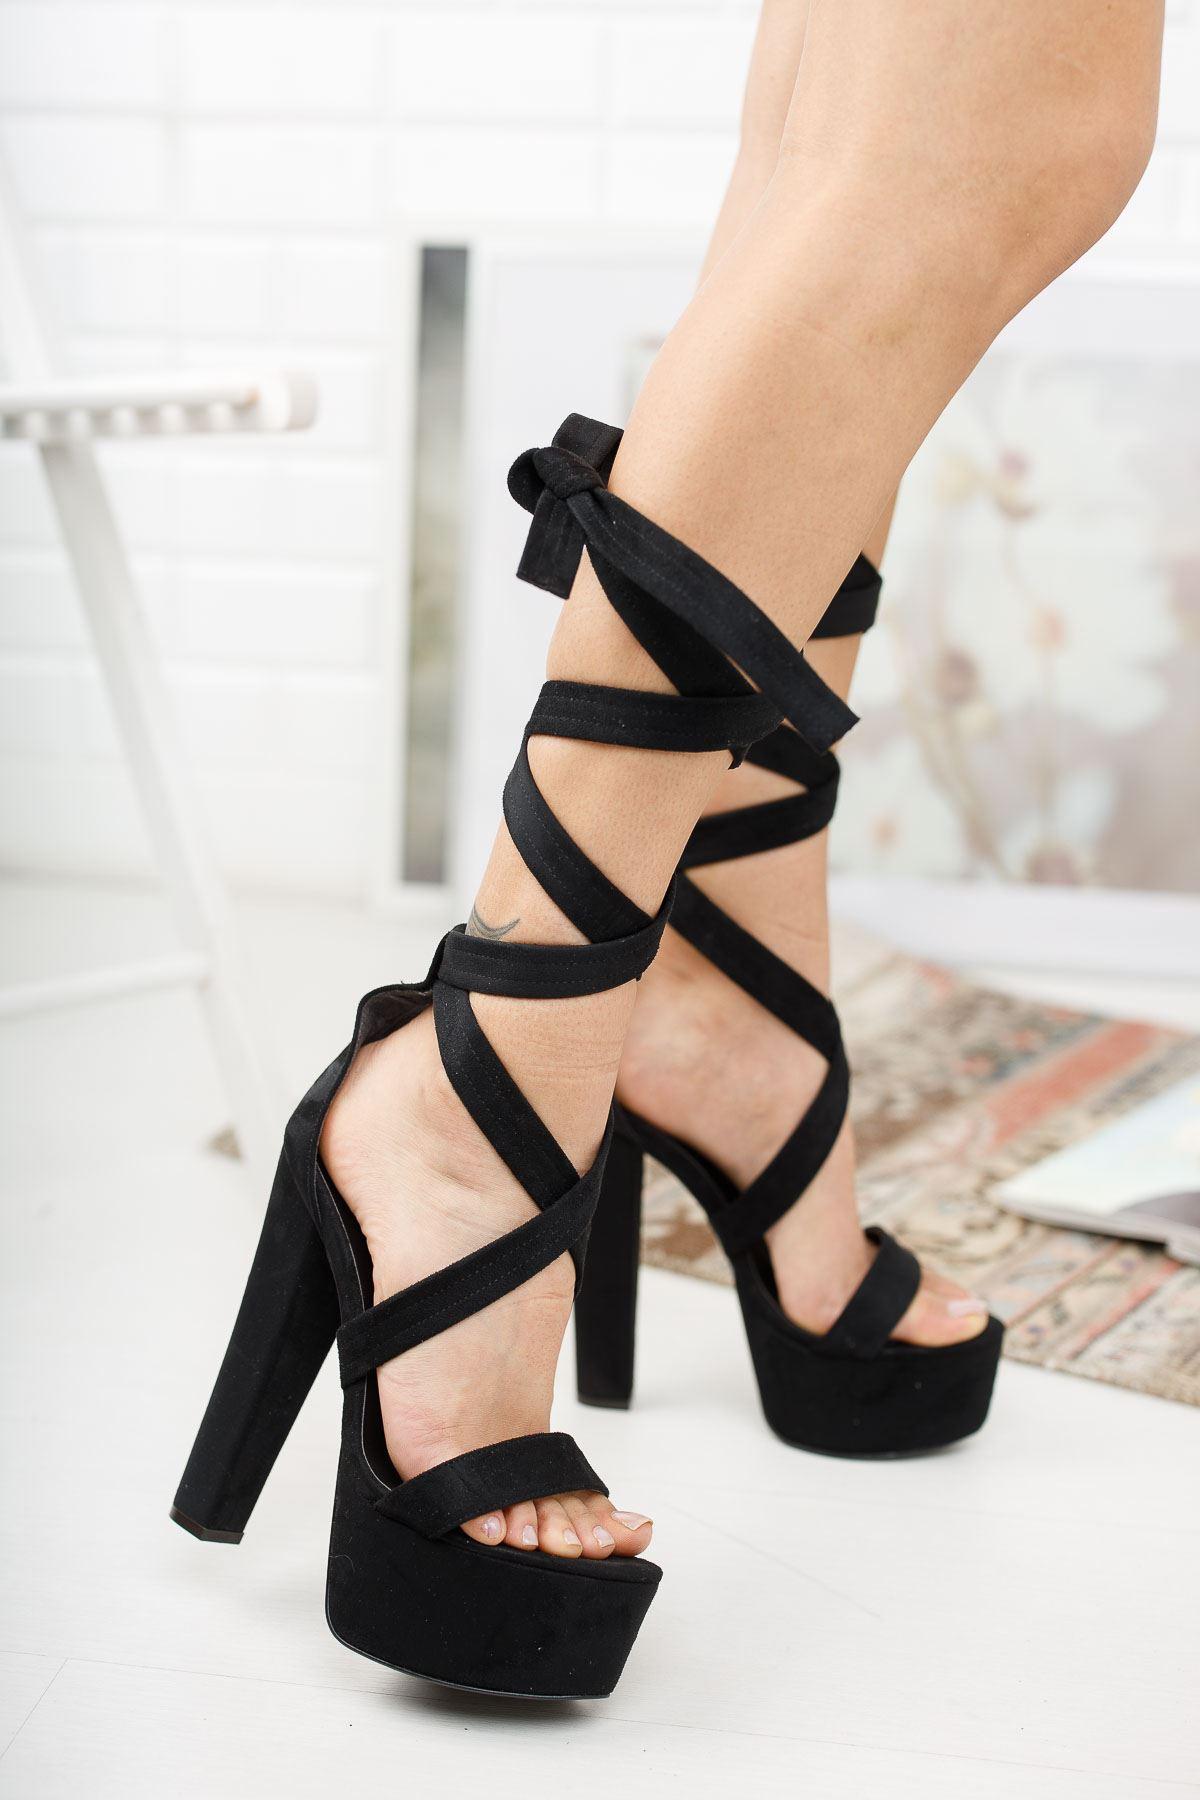 Kalit Siyah Süet Yüksek Topuklu Kadın Ayakkabı